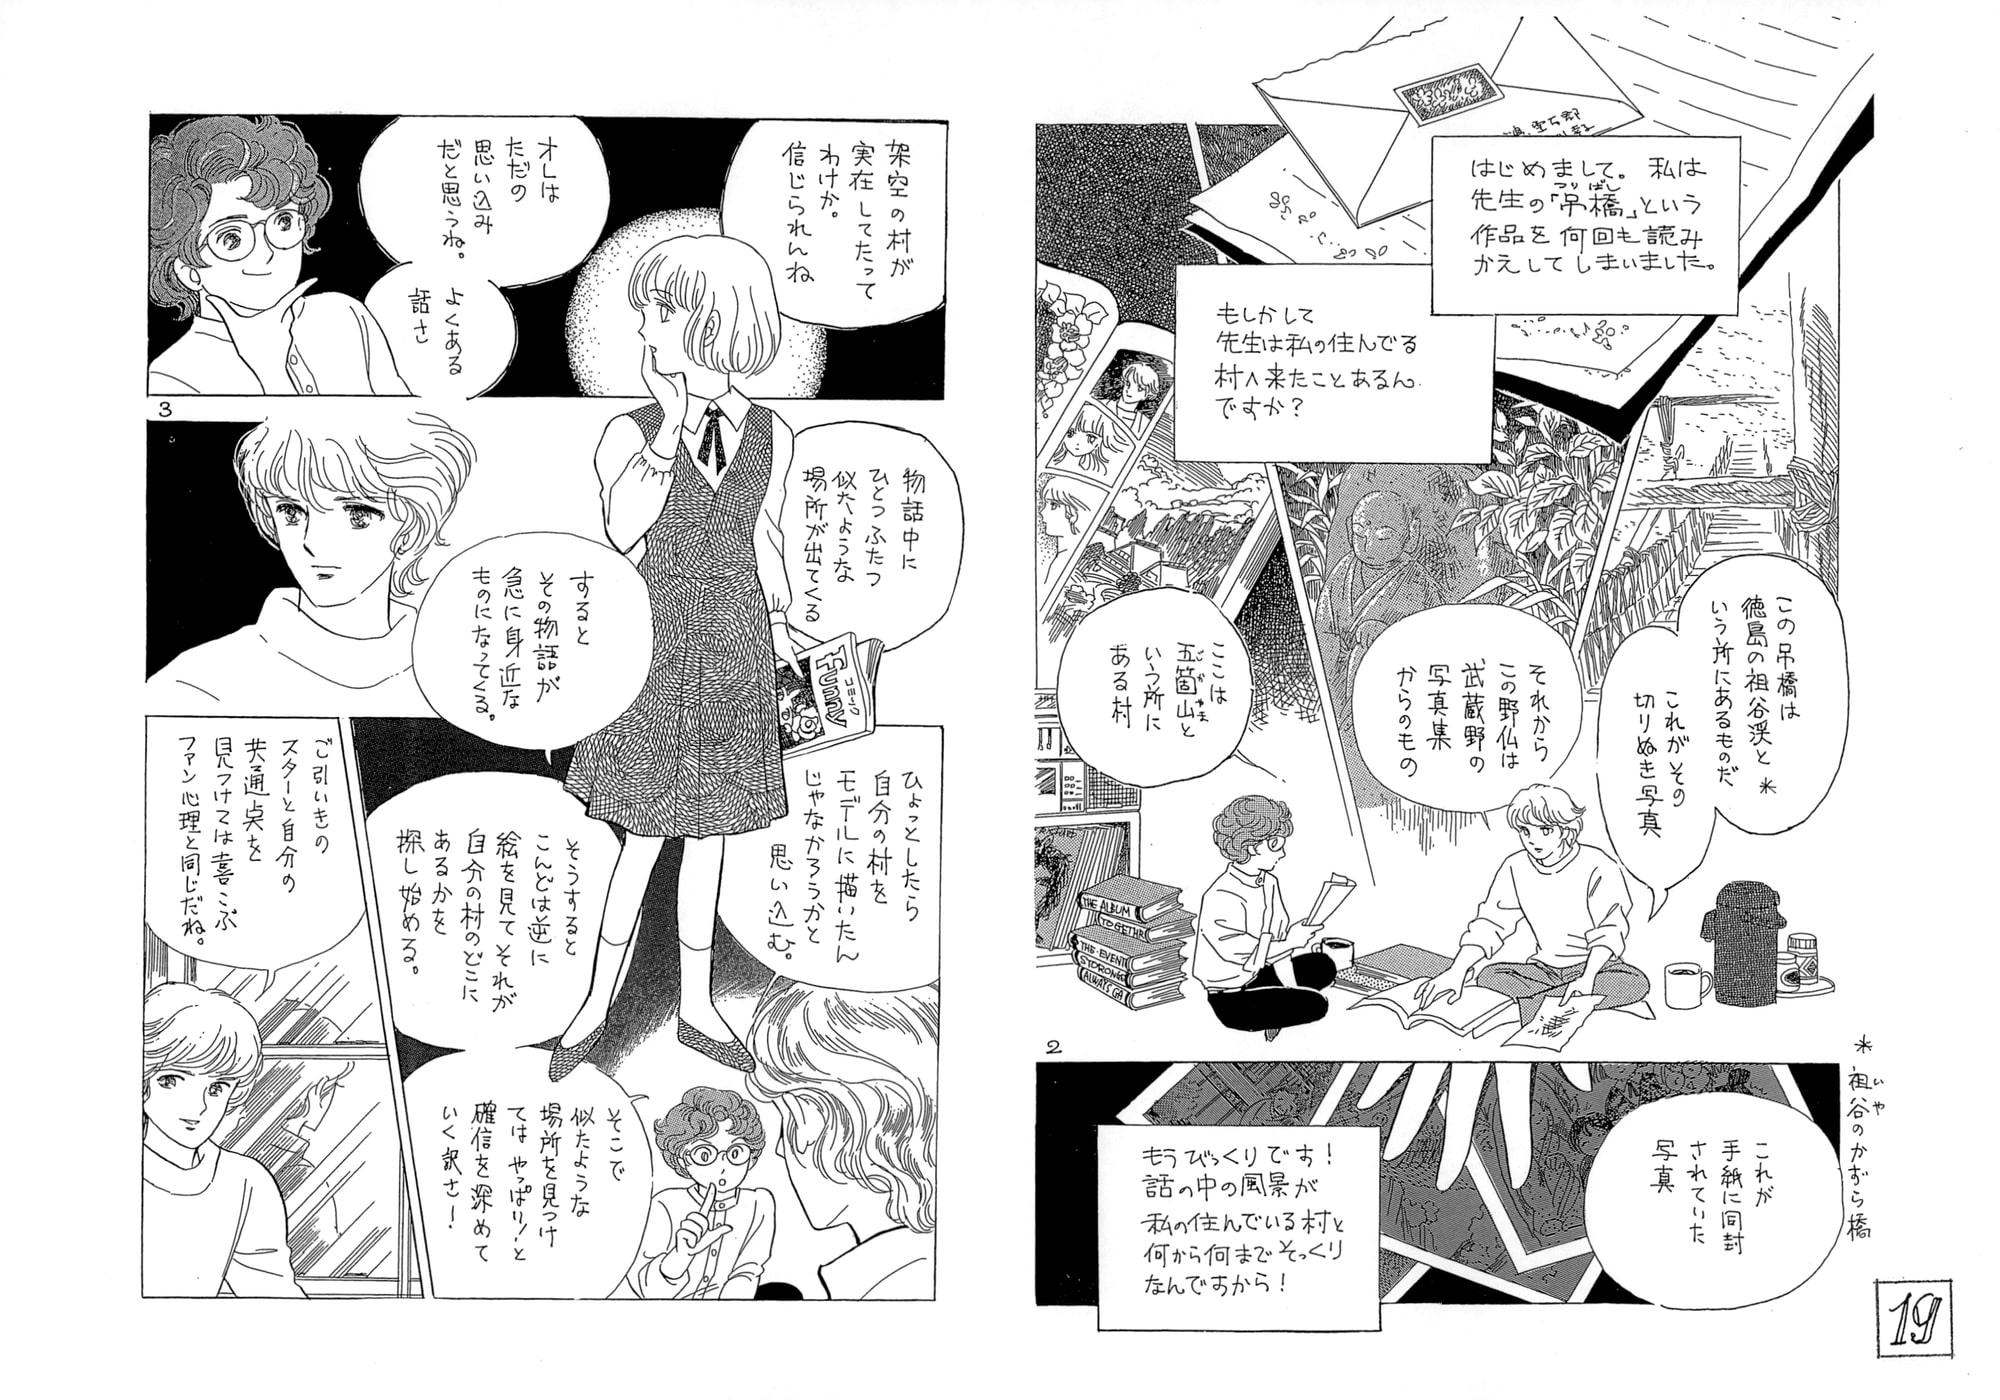 昭和のまんが・14「幻想地帯・手紙」のサンプル画像